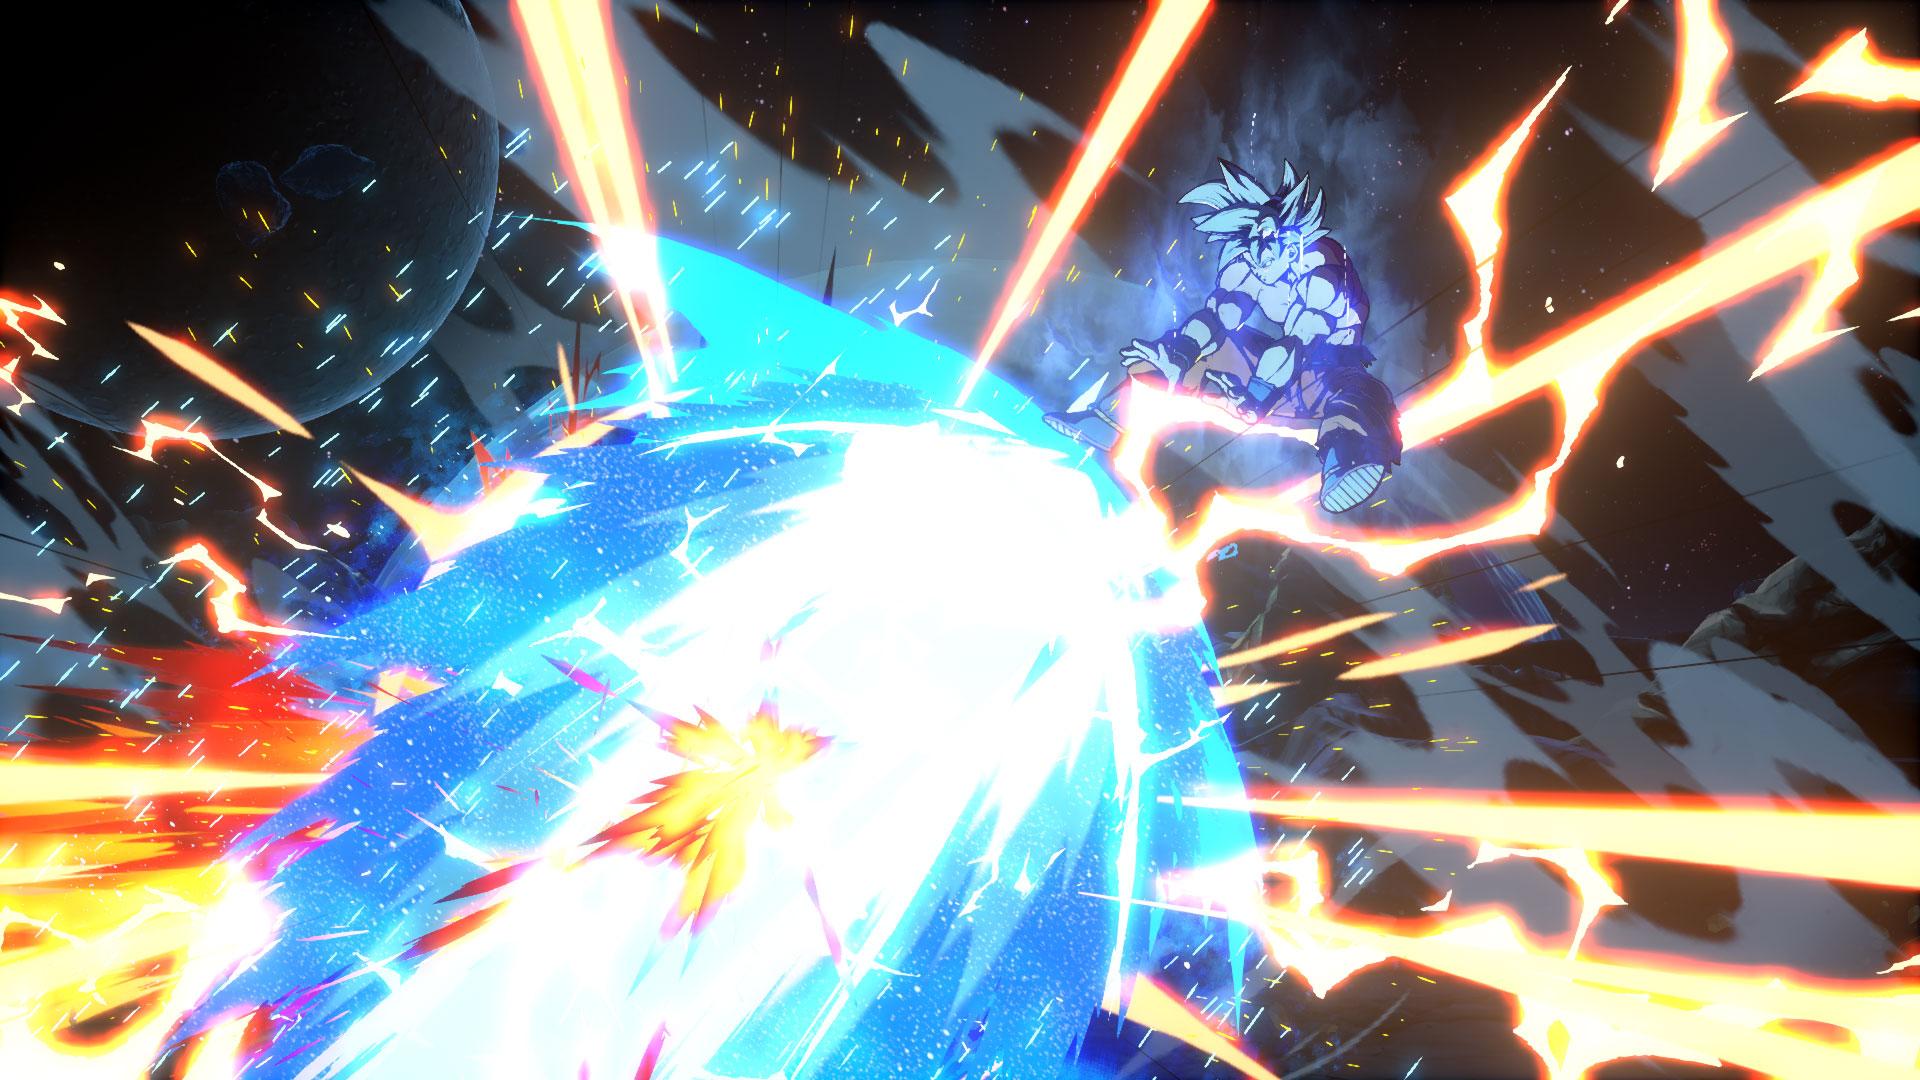 Dragon Ball FighterZ DLC Character Goku Ultra Instinct Screen 13